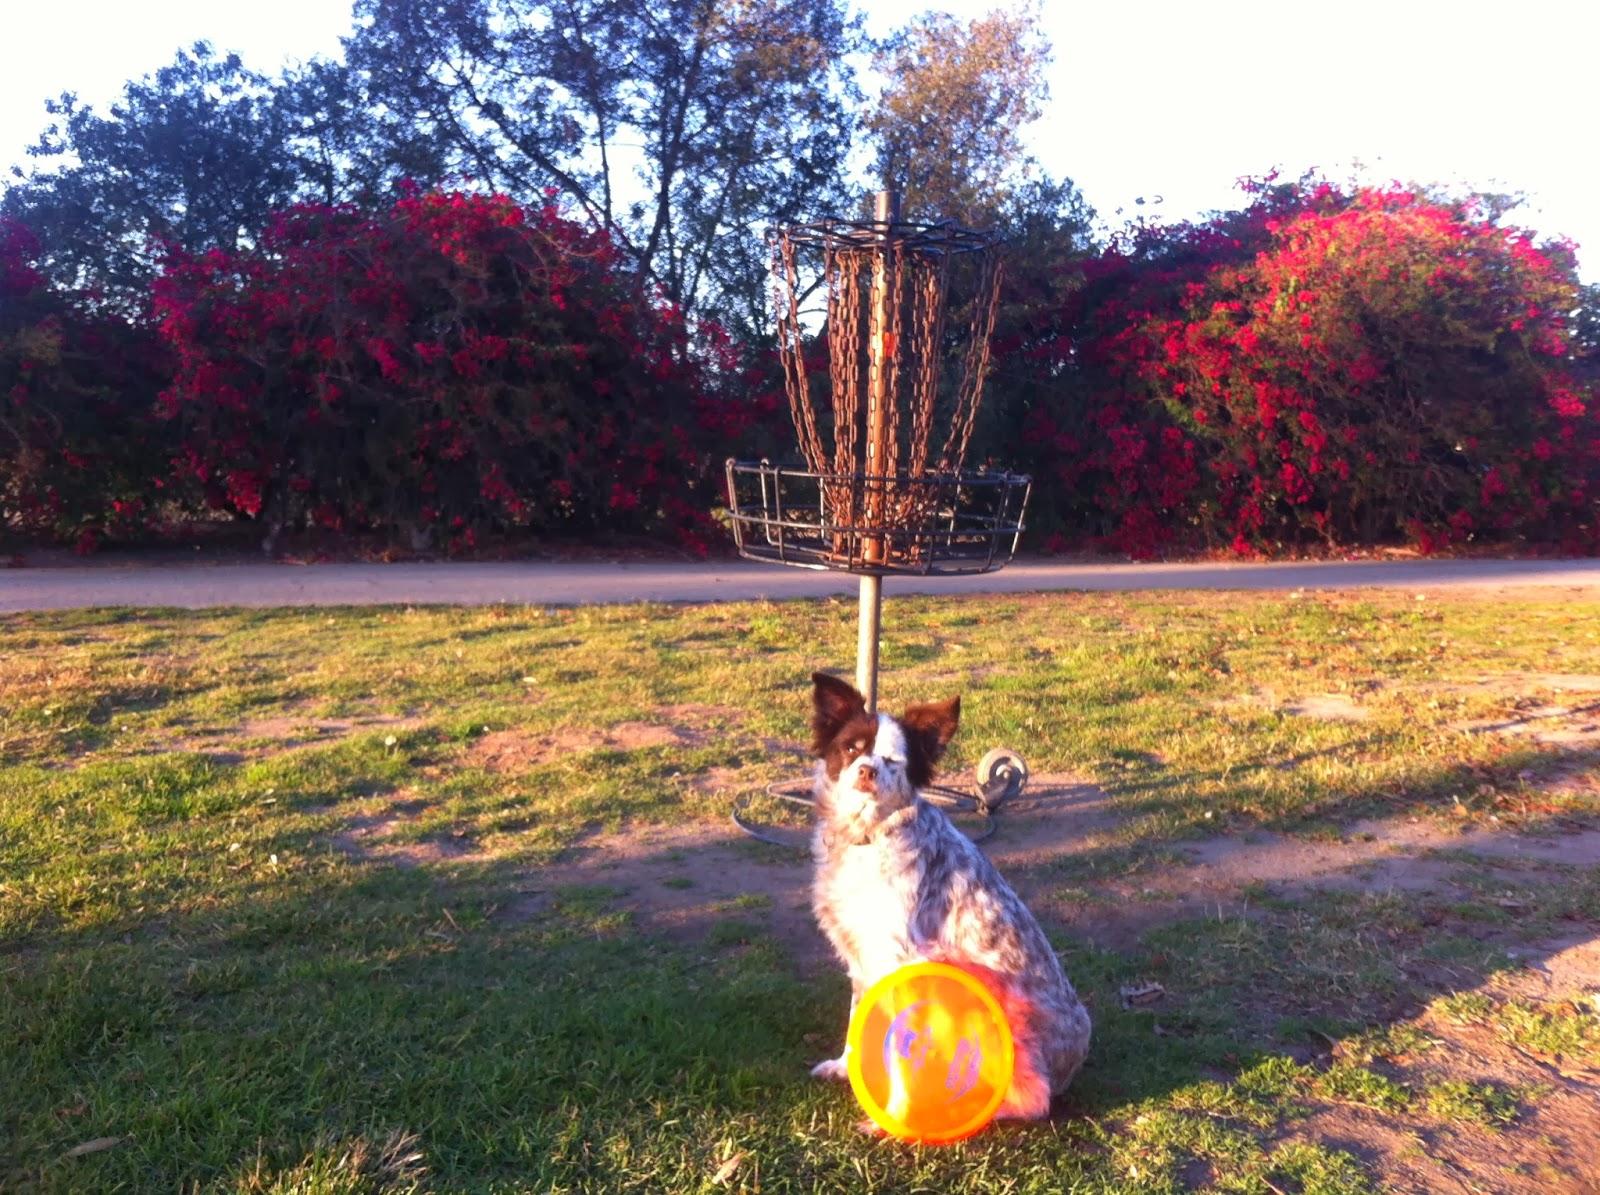 Frisbee Golf Course Huntington Beach